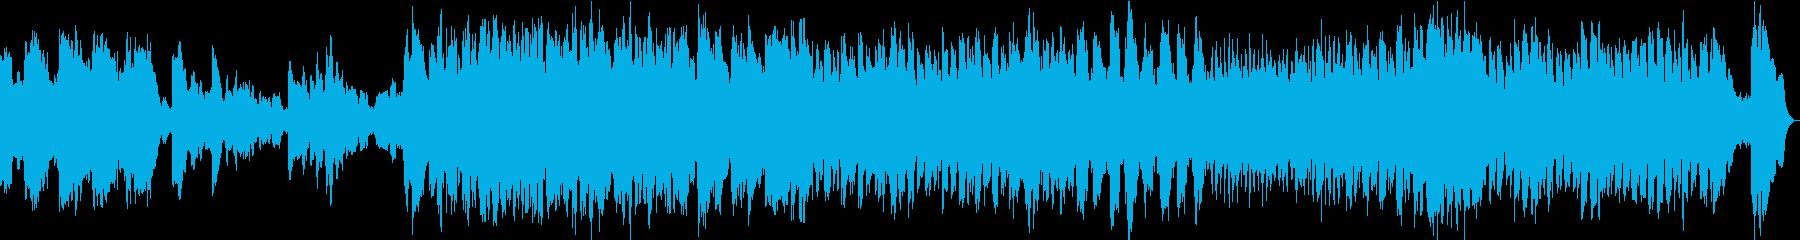 ゆったりしたメロディーのpopsの再生済みの波形